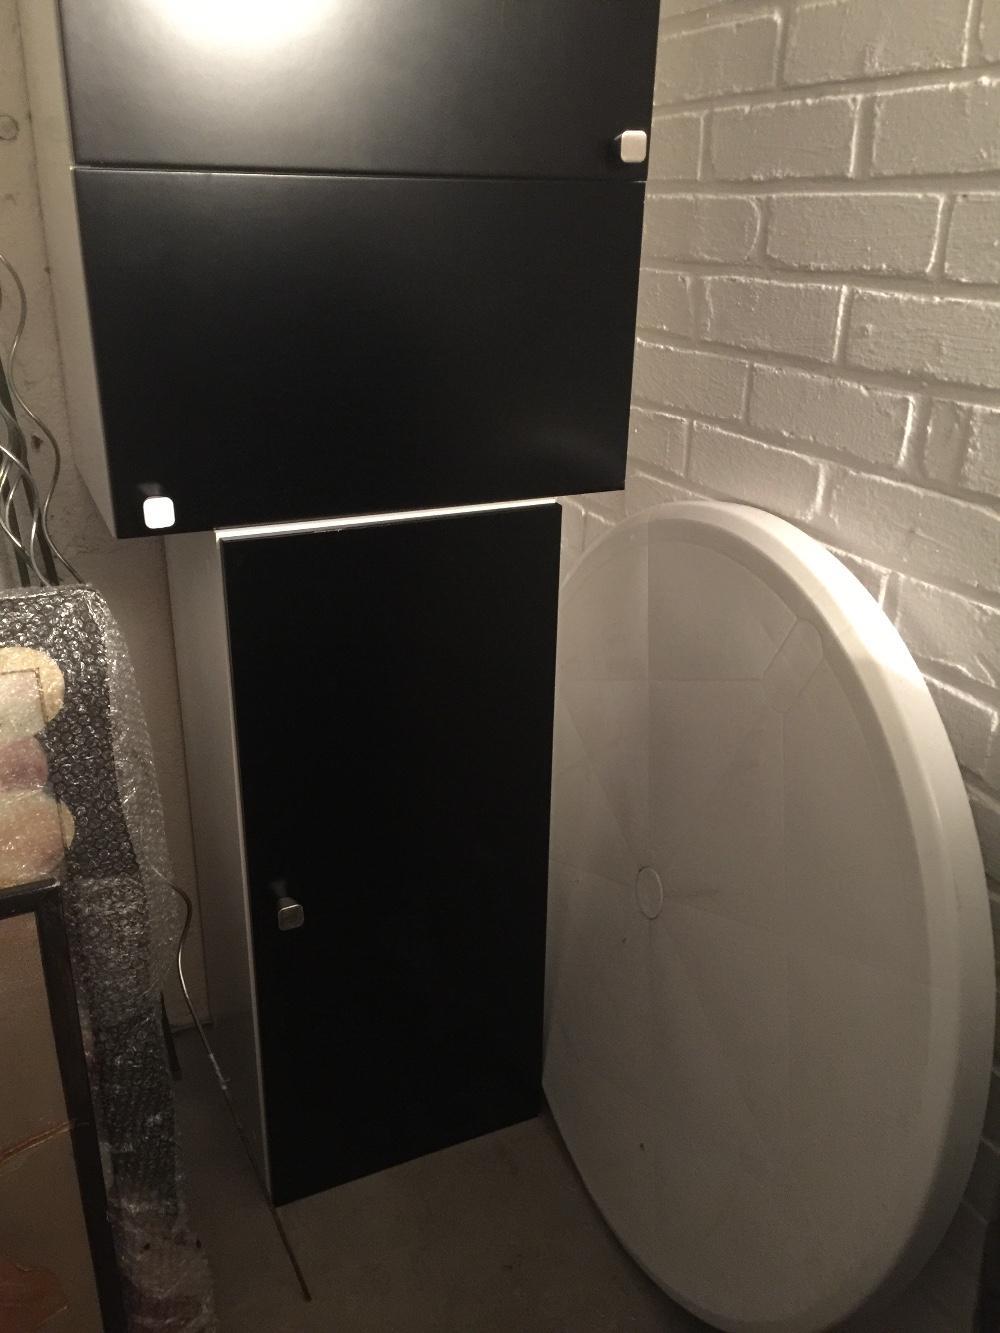 Full Size of Ikea Hängeschrank Hngeschrnke Faktum Schwarz 921279 Bad Küche Glastüren Badezimmer Betten 160x200 Höhe Weiß Hochglanz Wohnzimmer Modulküche Kosten Wohnzimmer Ikea Hängeschrank